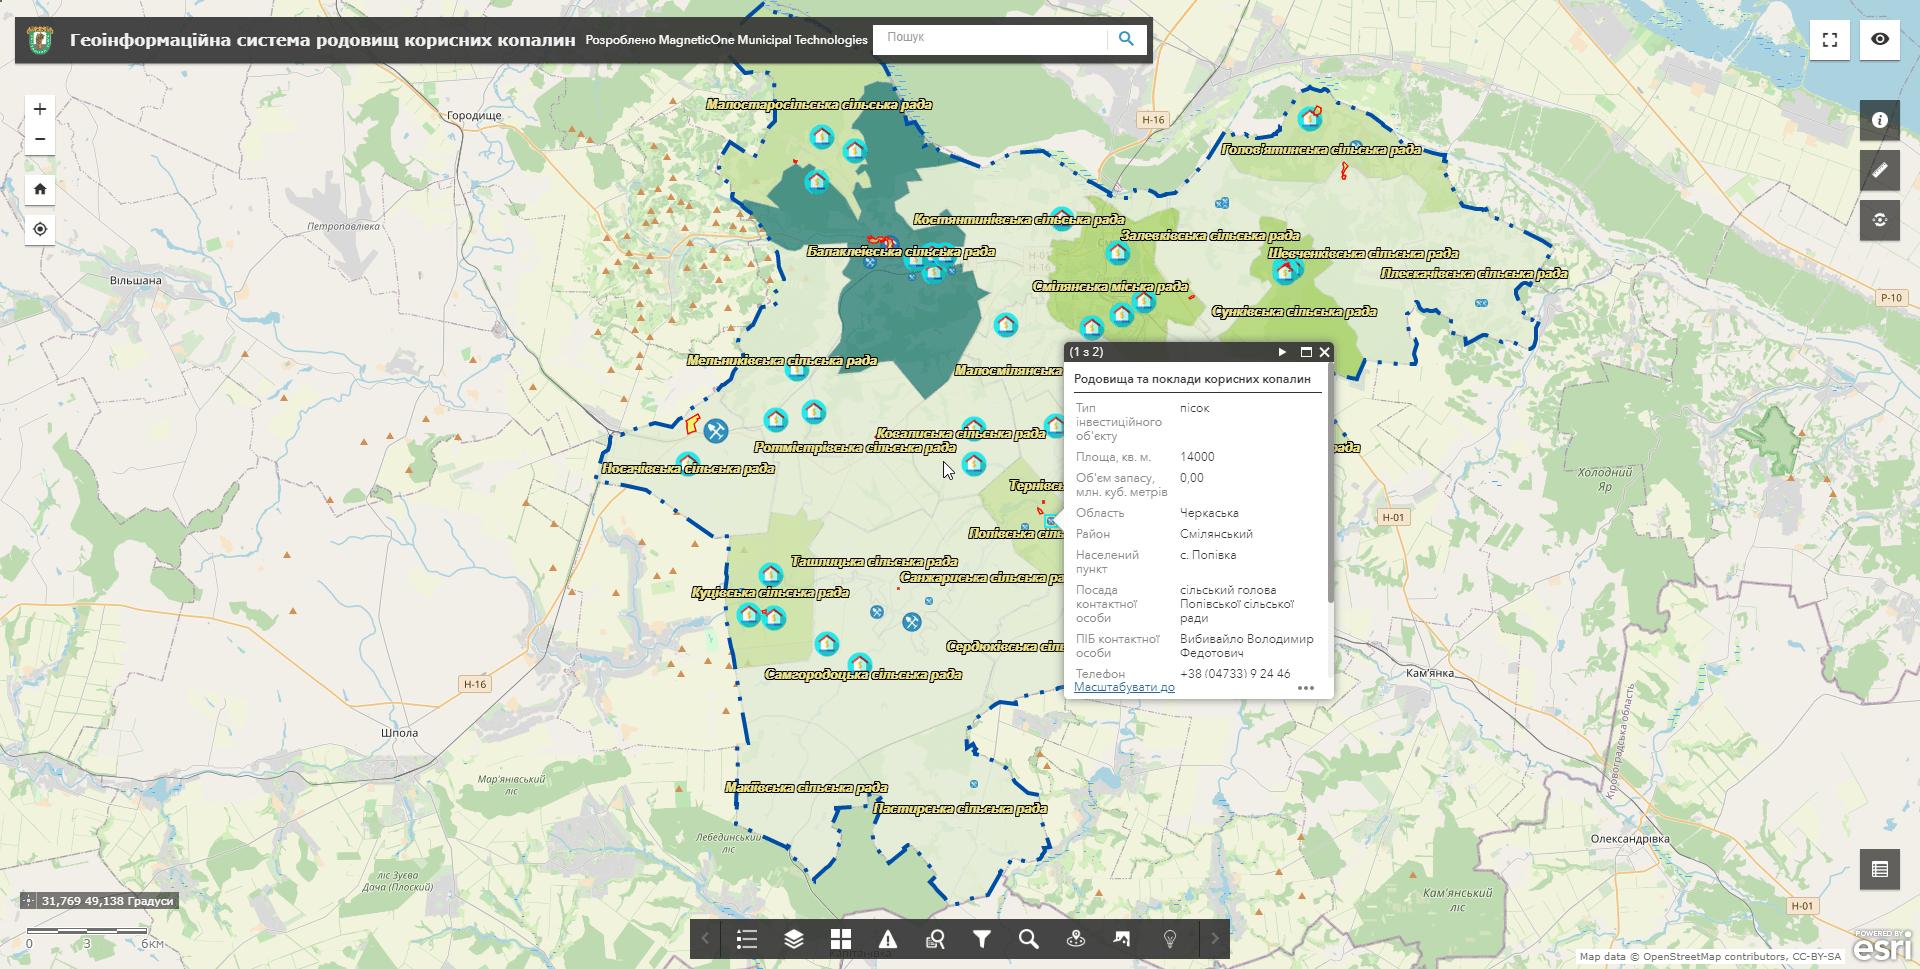 Геоінформаційна система родовищ корисних копалин